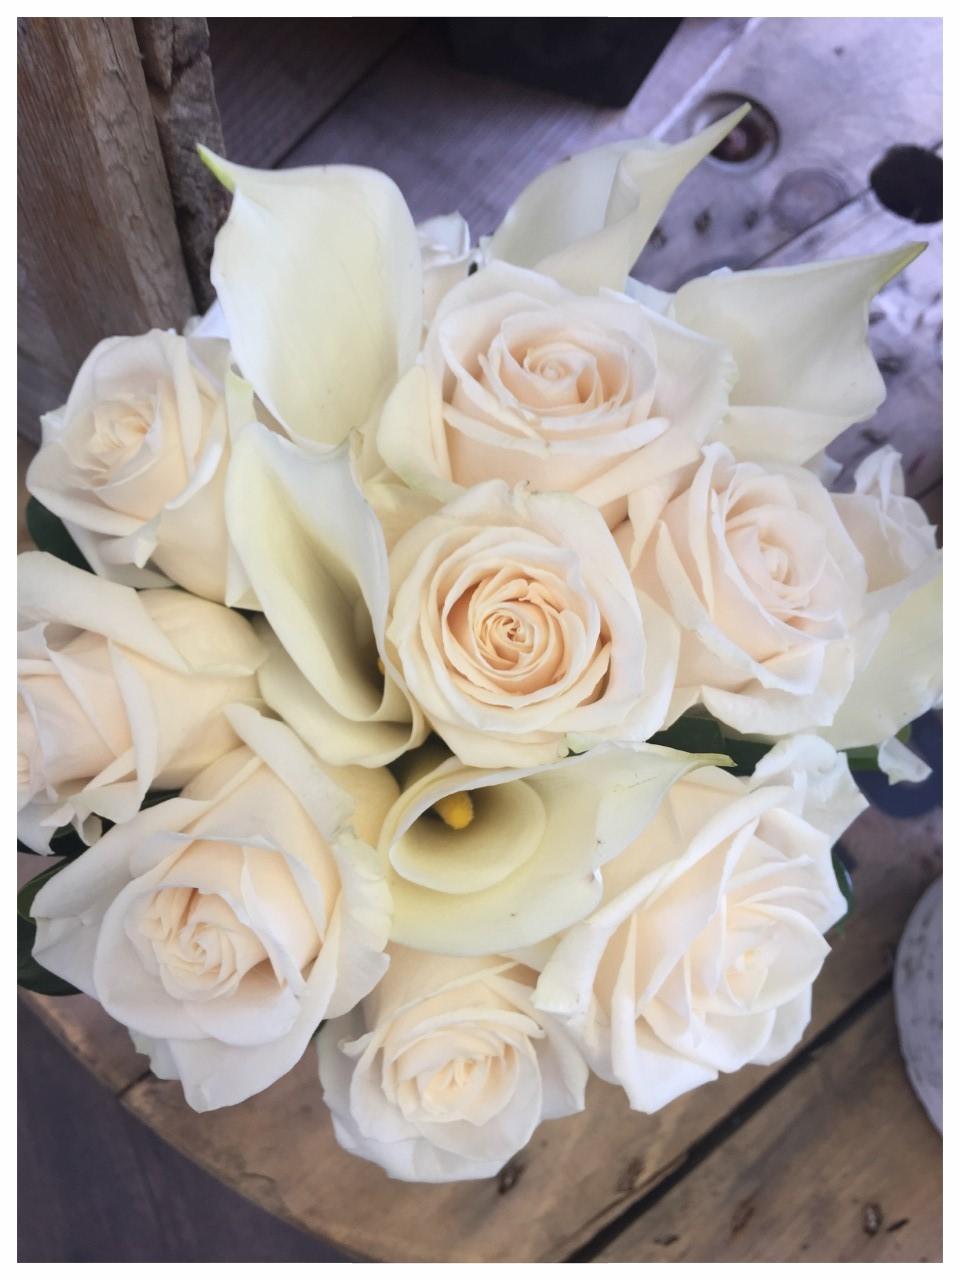 cream roses and callas.jpg